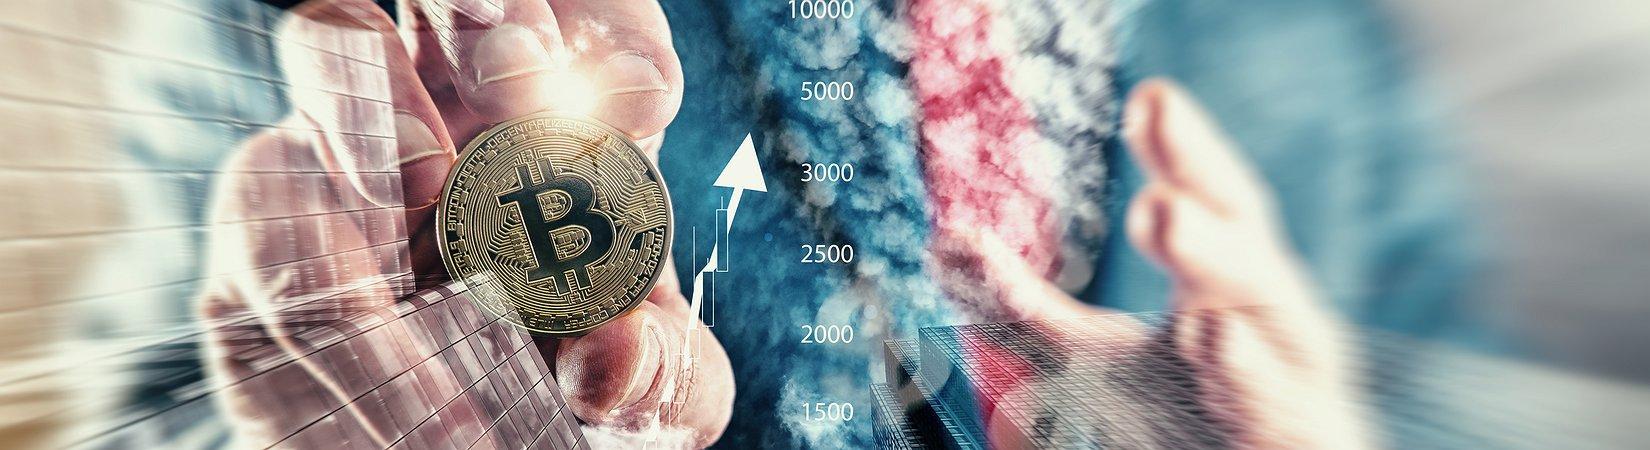 Mercado de criptomoedas volta a crescer